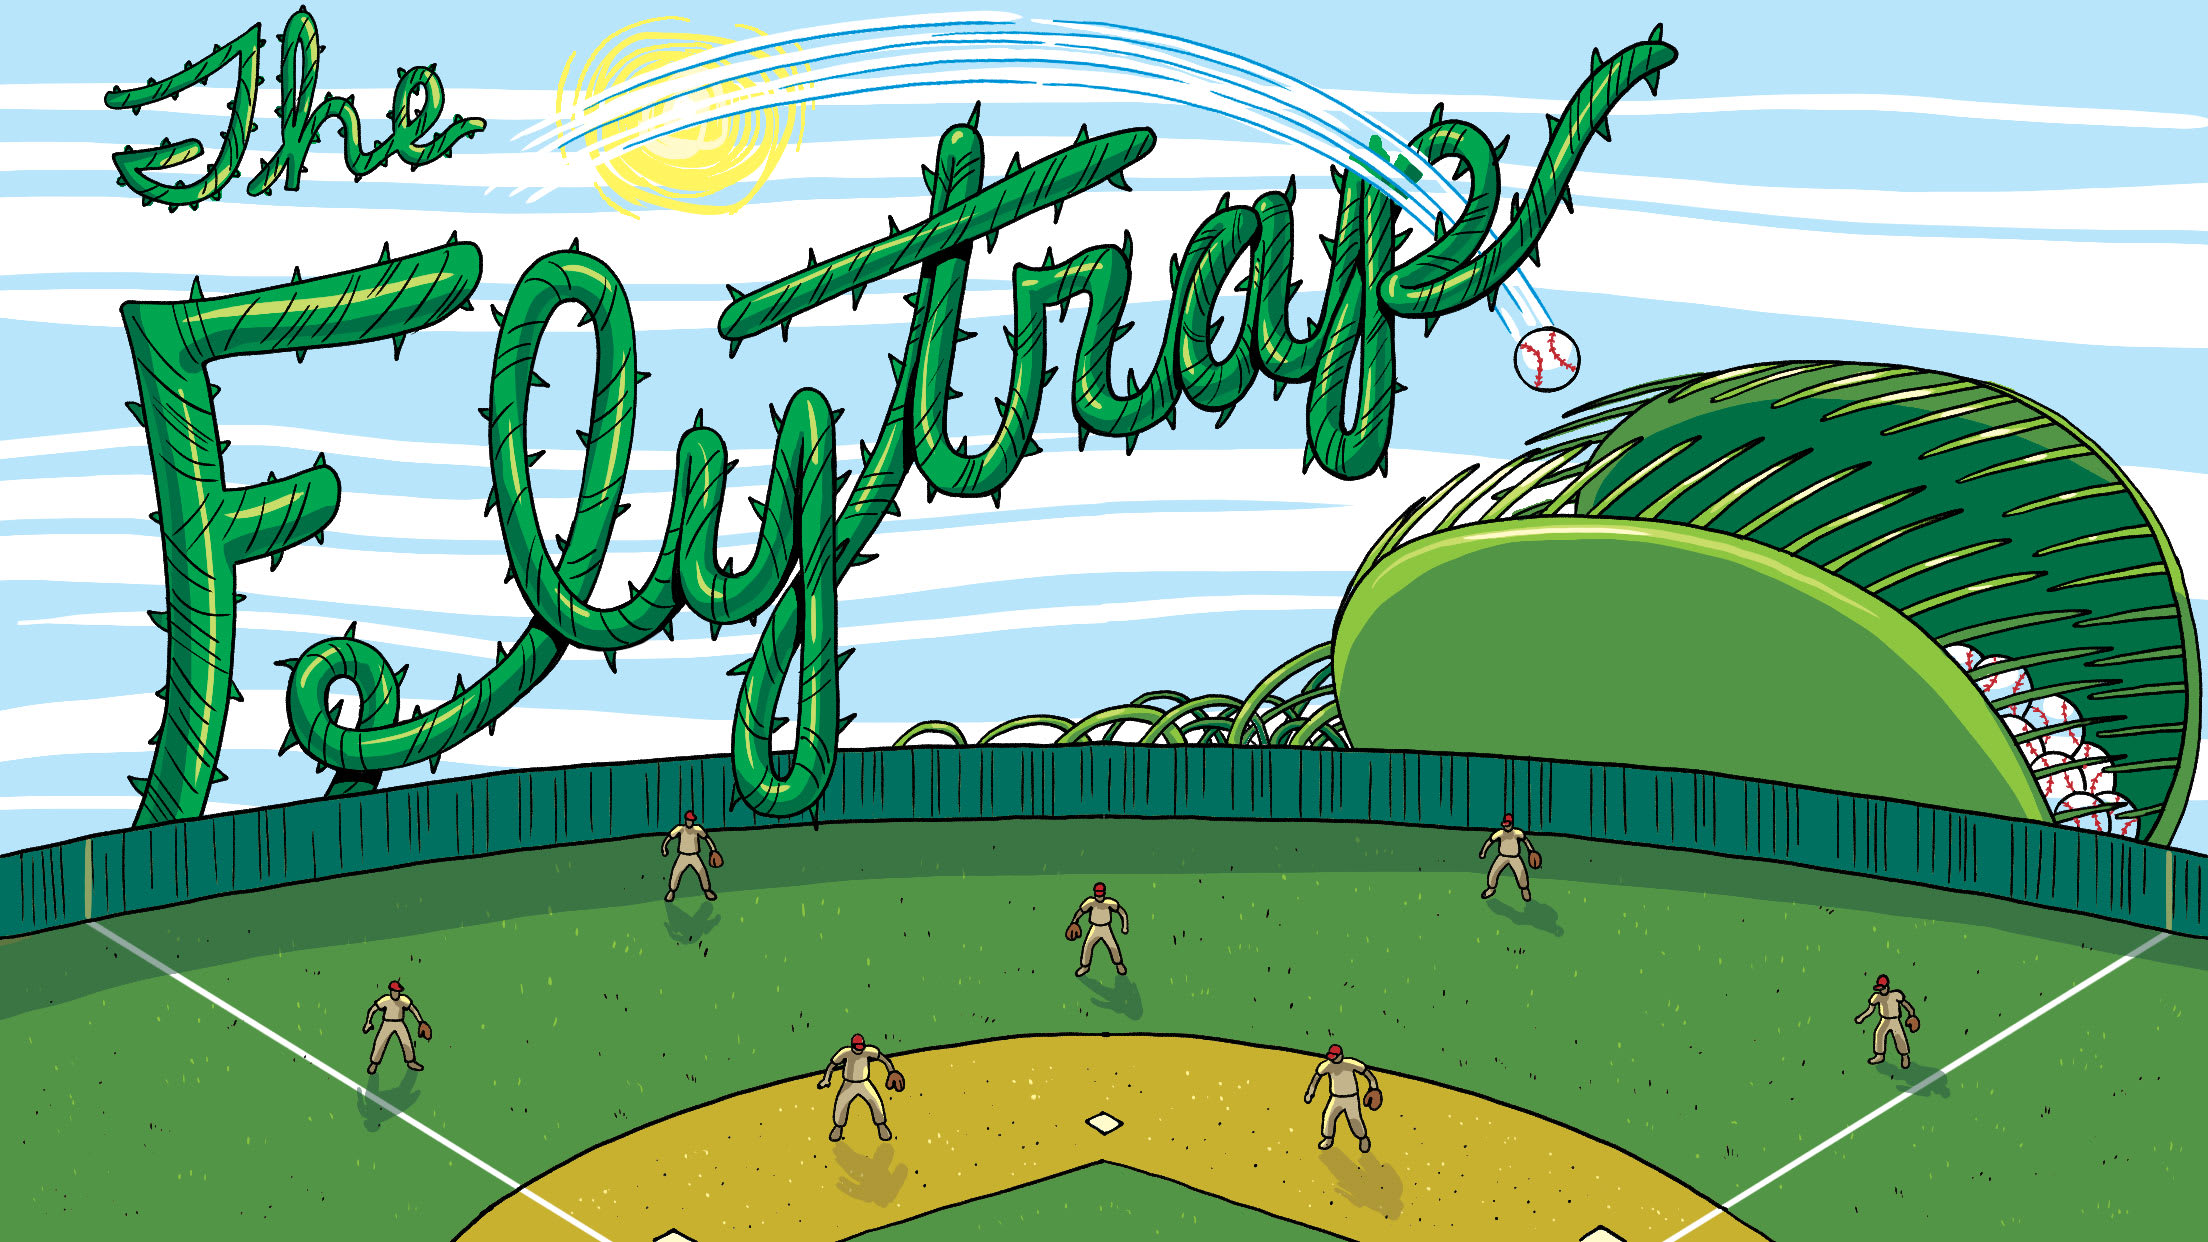 flytrap_main_art